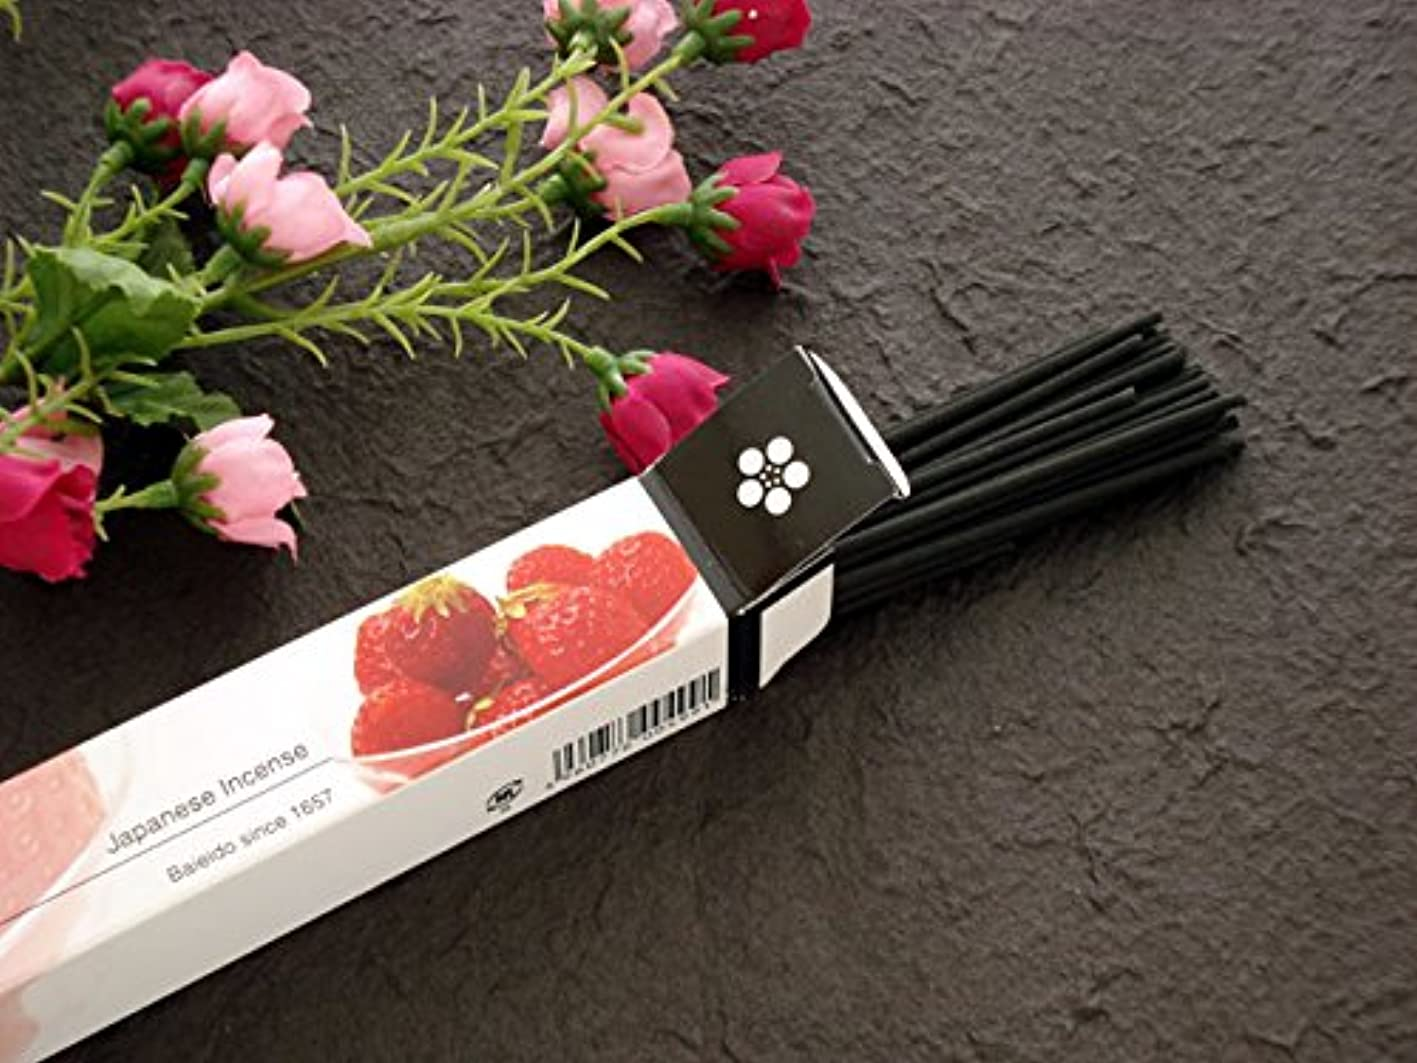 思い出させる打倒崩壊梅栄堂のお香 strawberry (イチゴの香り)